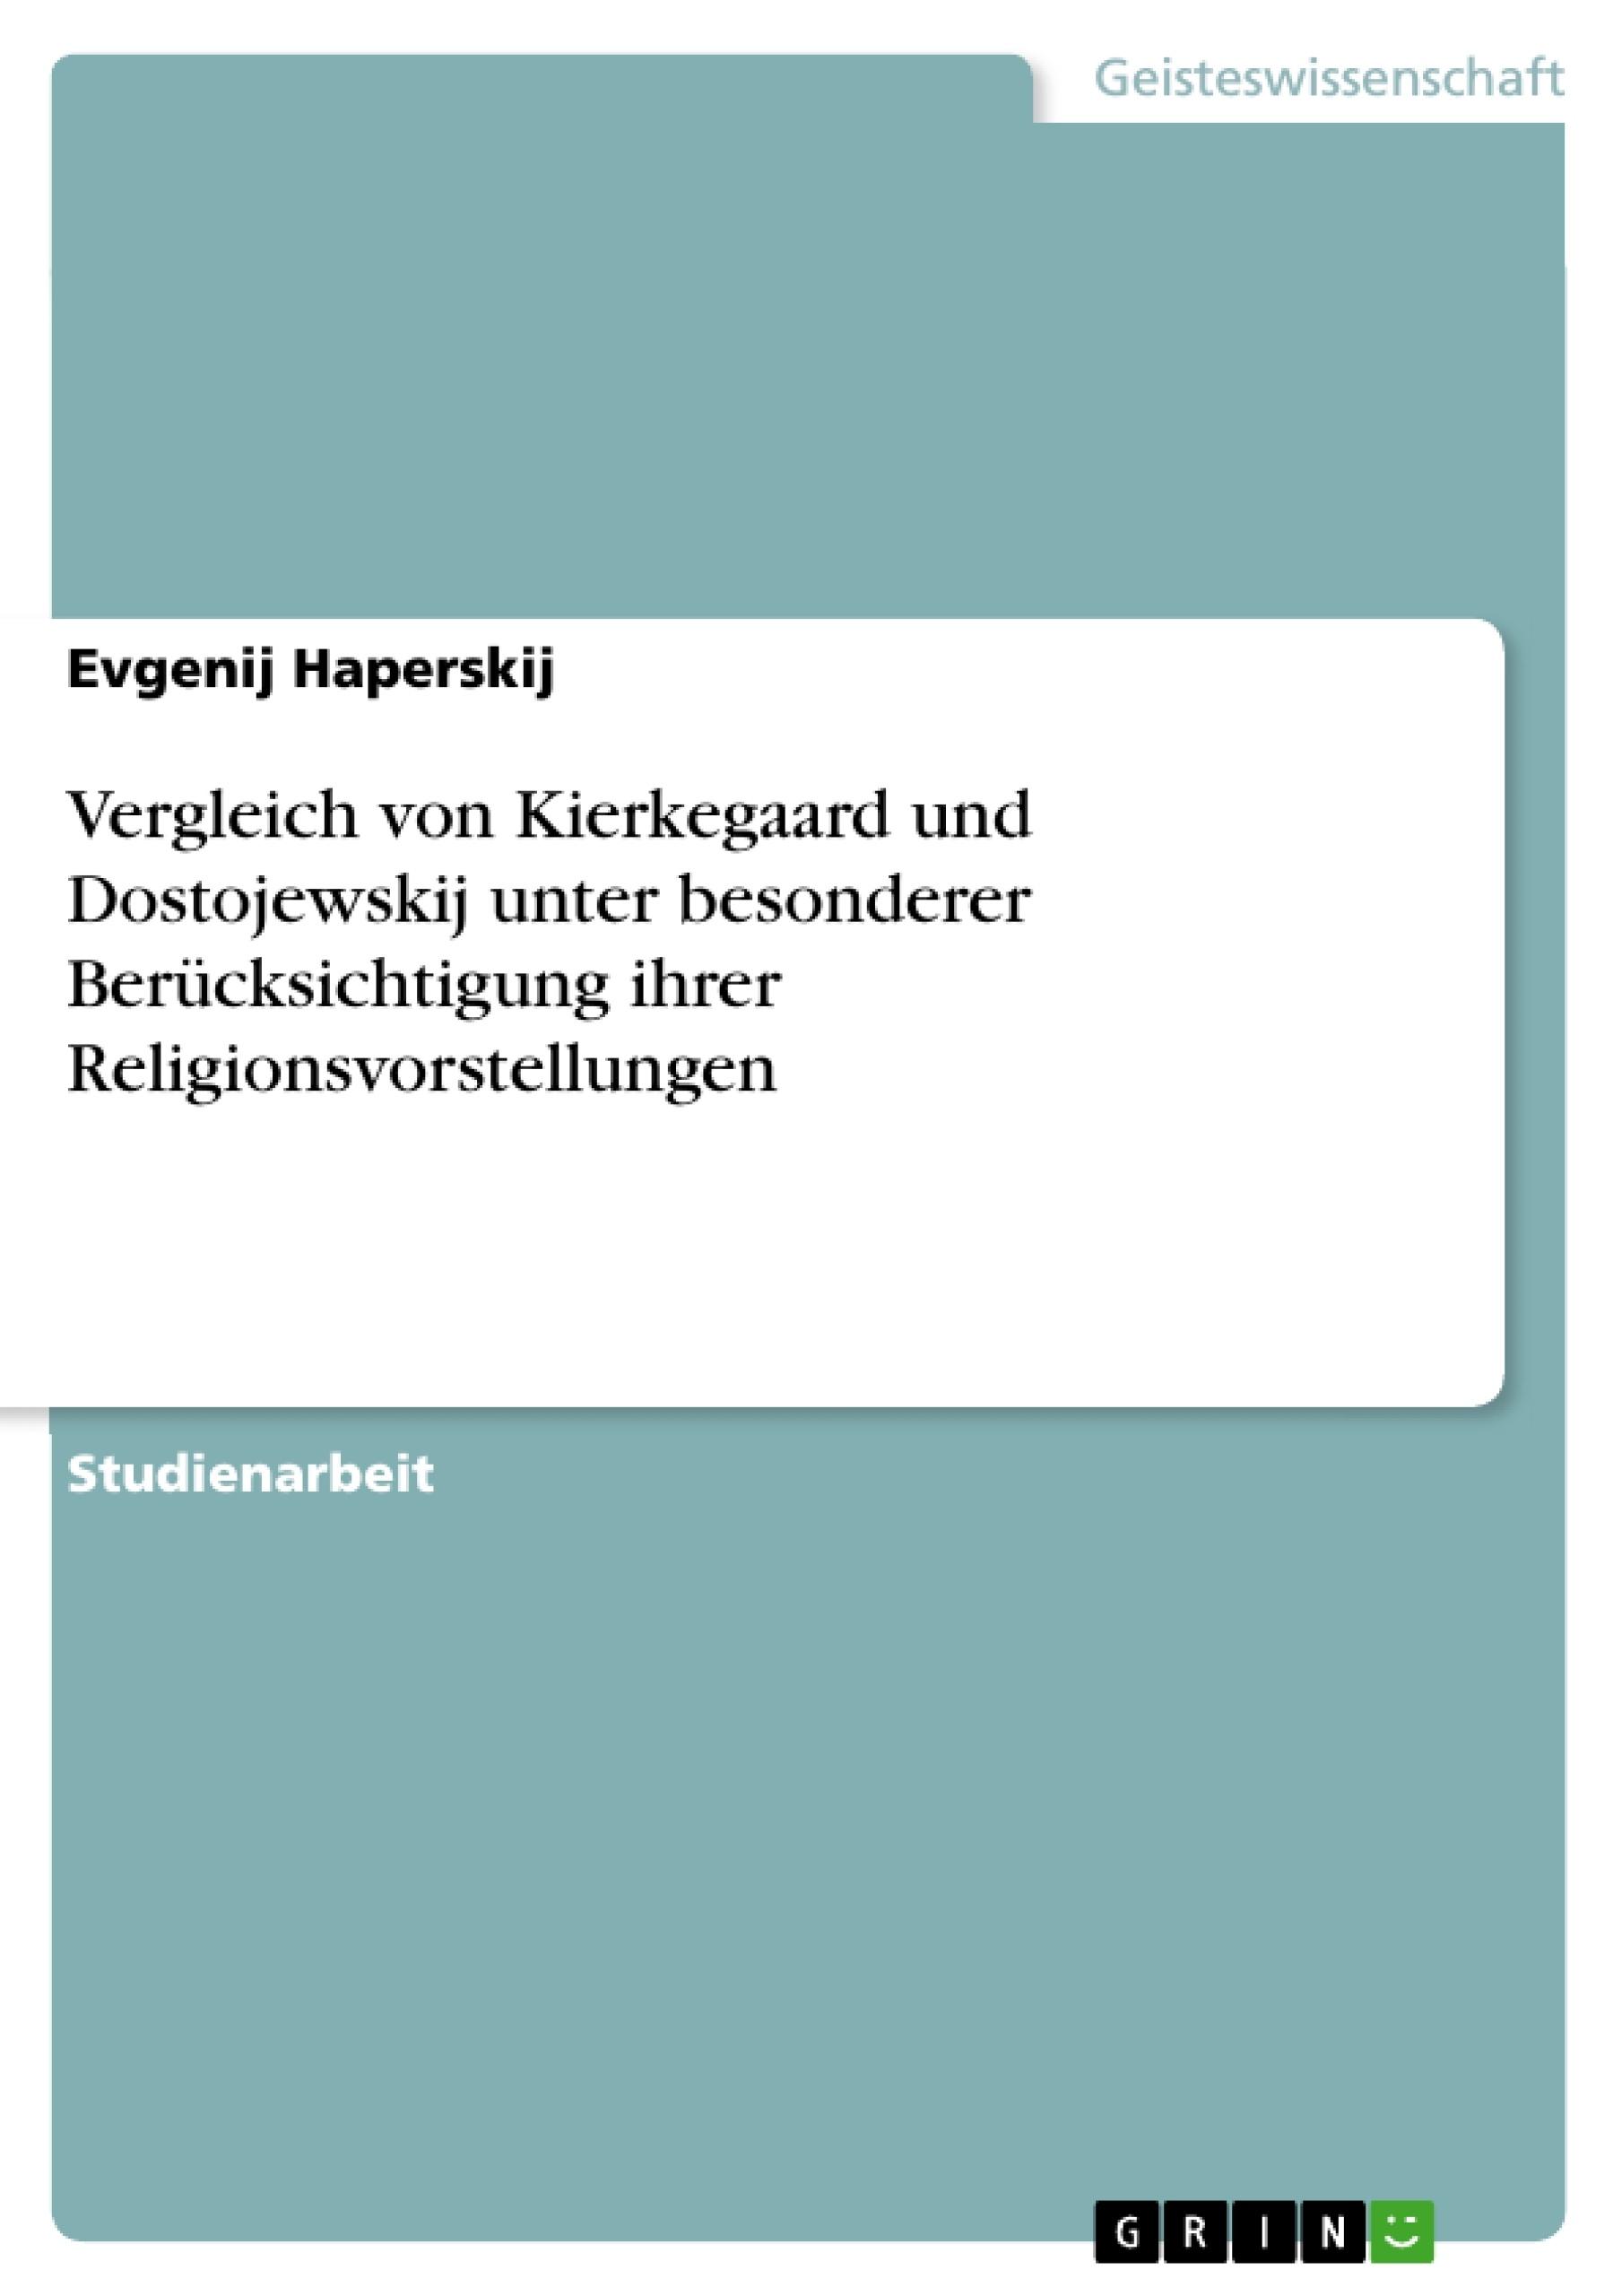 Titel: Vergleich von Kierkegaard und Dostojewskij unter besonderer Berücksichtigung ihrer Religionsvorstellungen